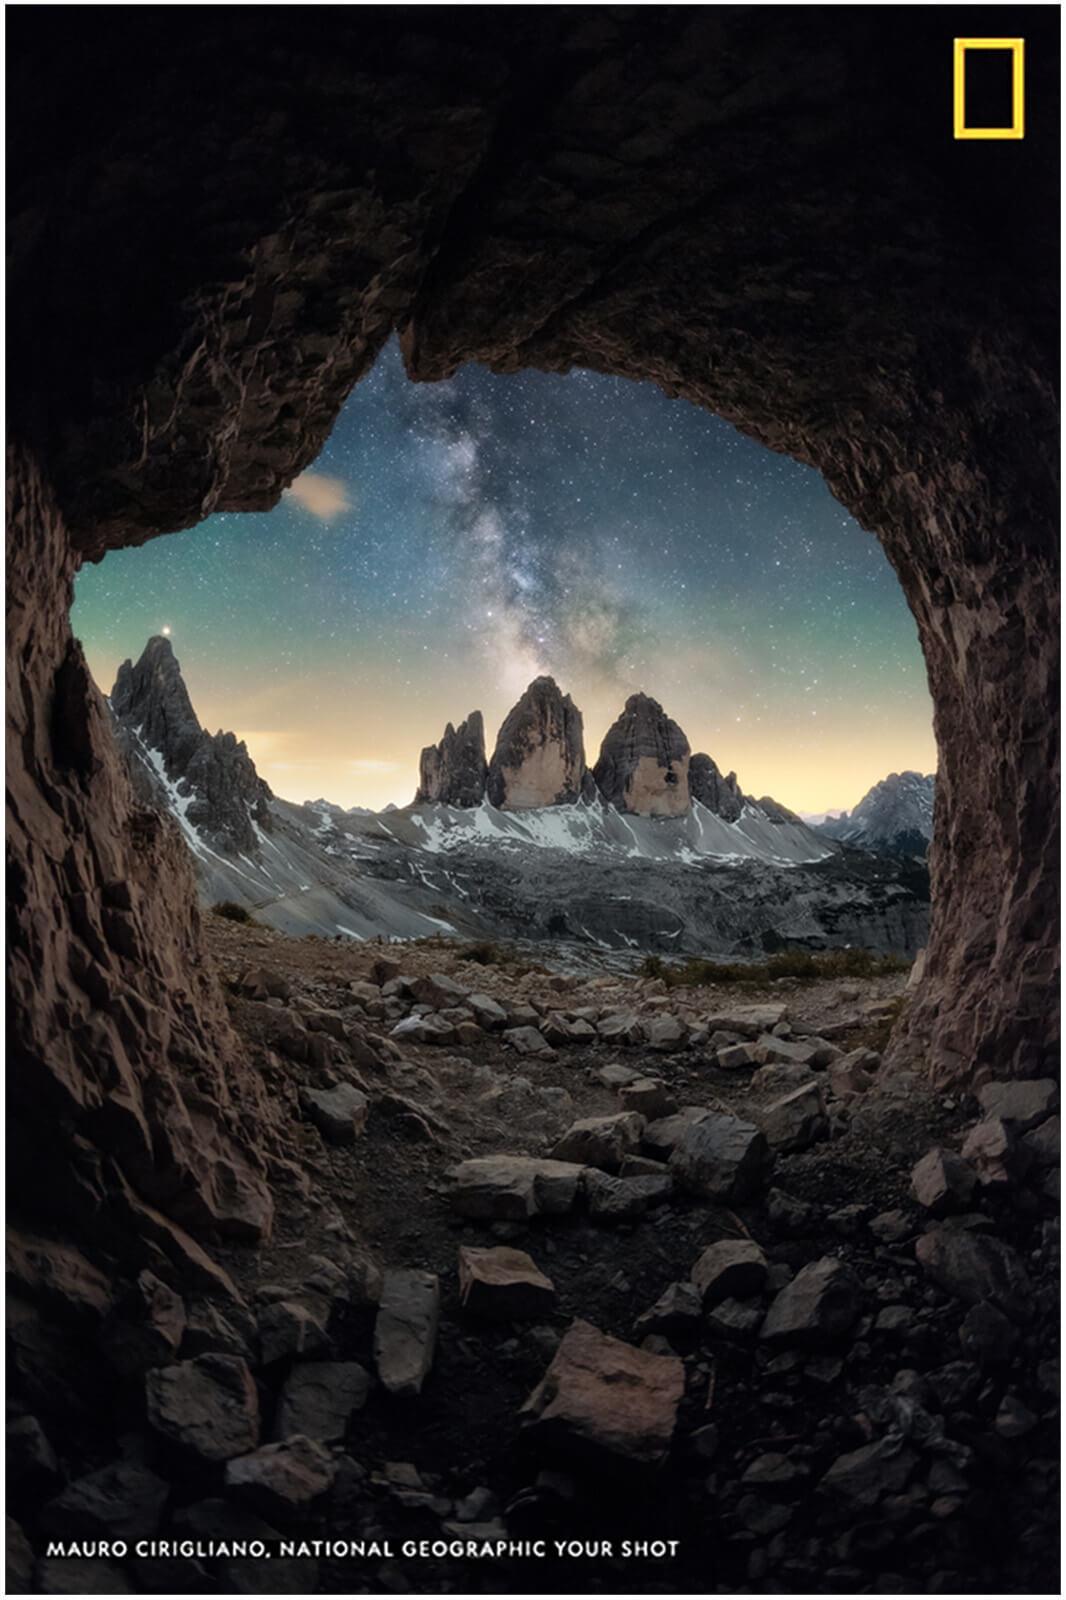 foto pubblicata su national geographic delle tre cime di lavaredo fotografate da una grotta